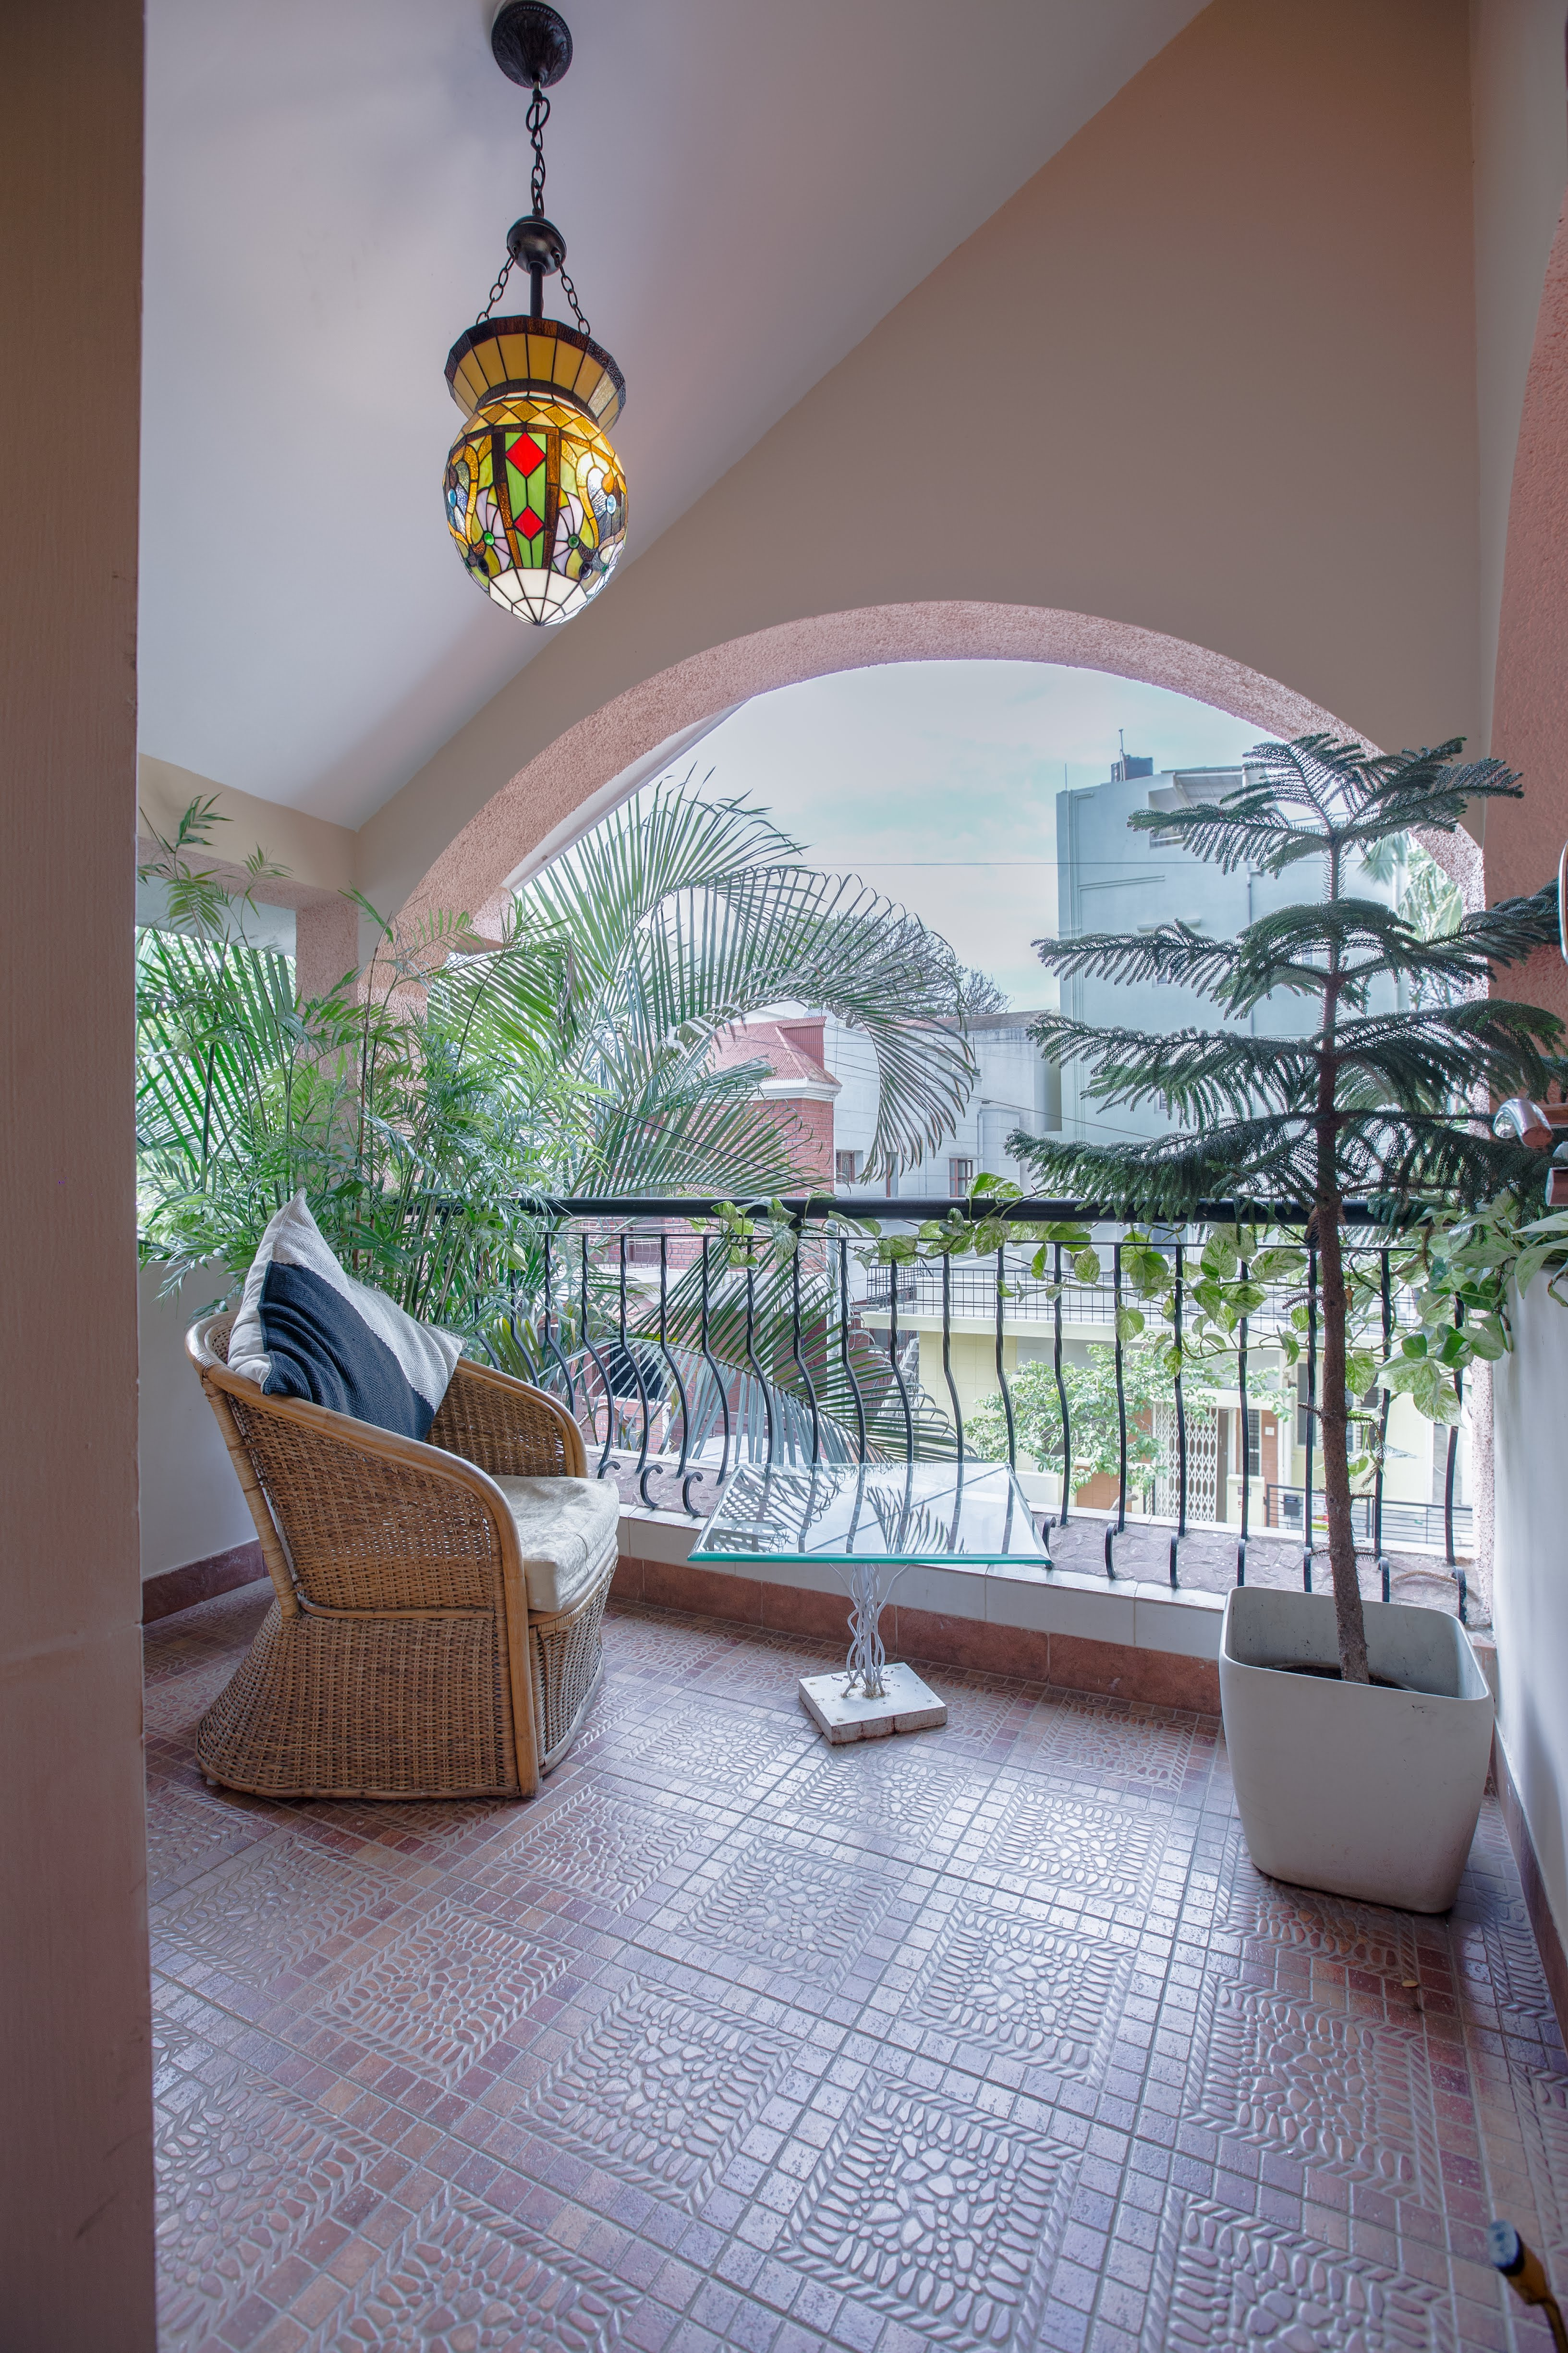 Your private balcony in Casablanca